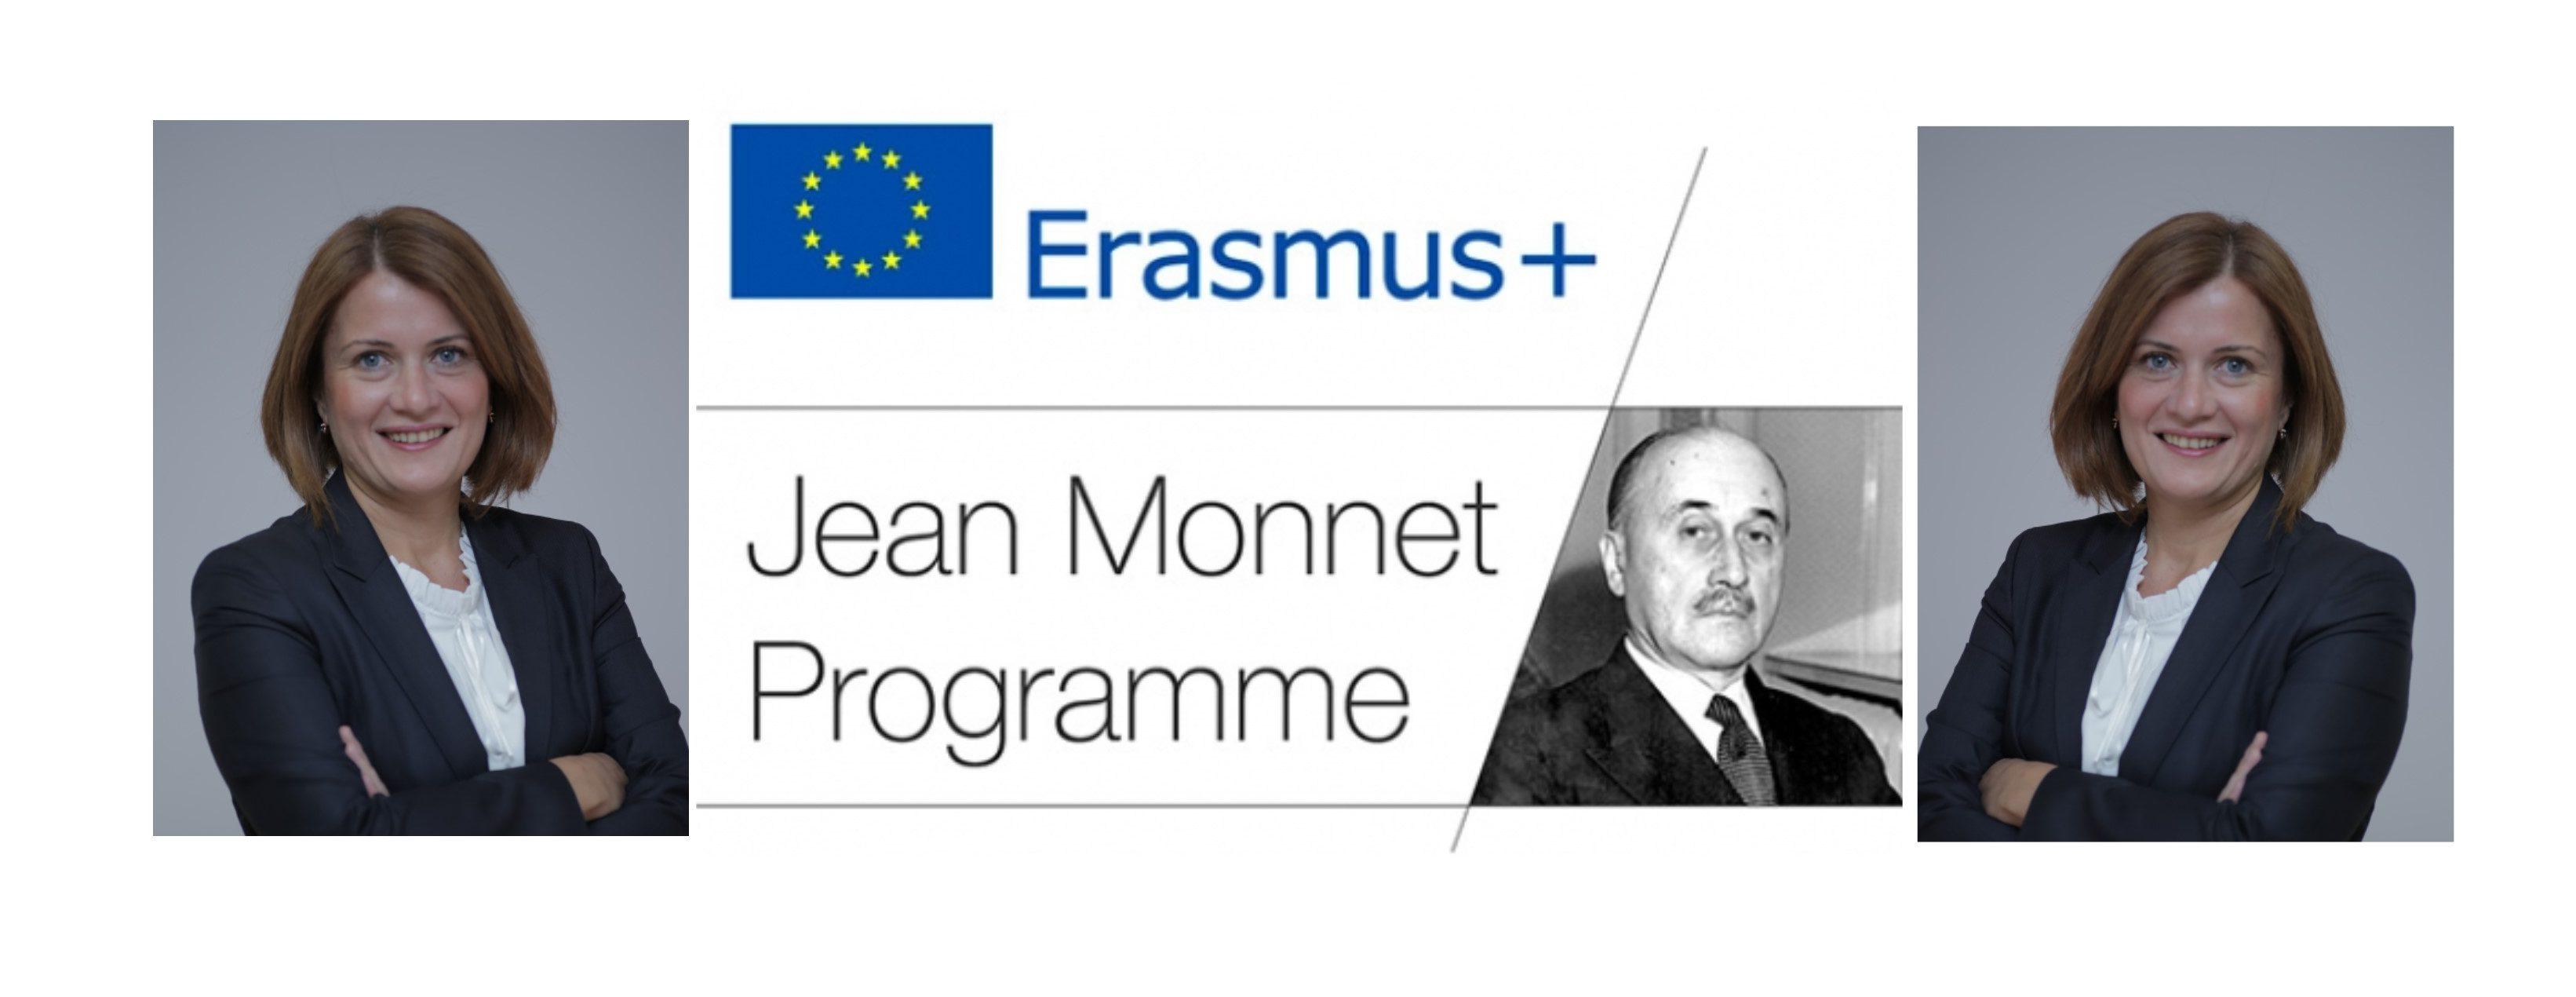 Jean Monnet Module Award